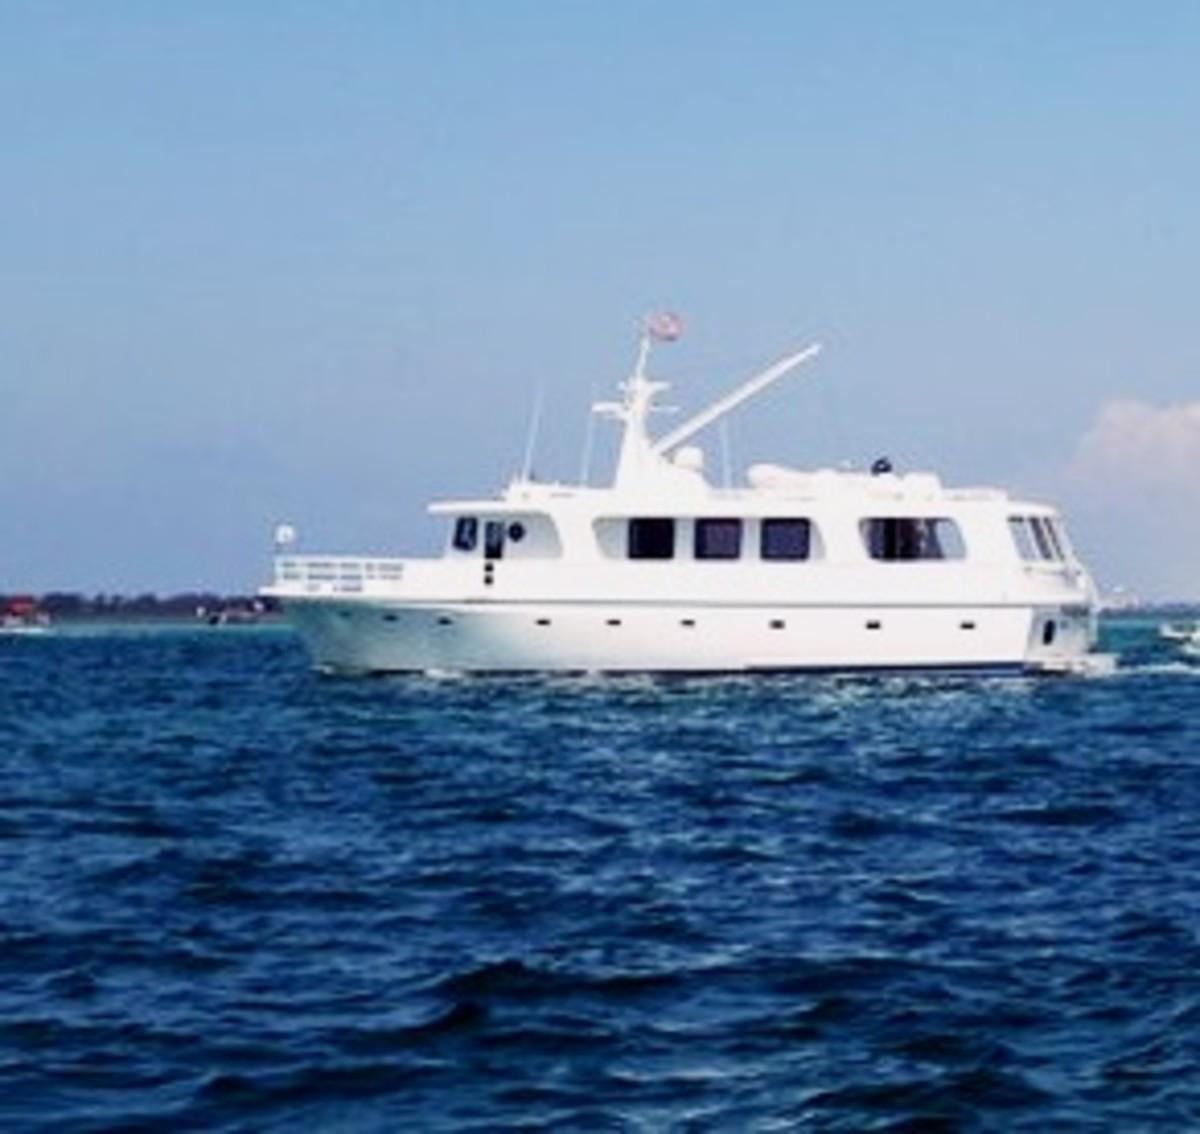 sailing-the-high-seas